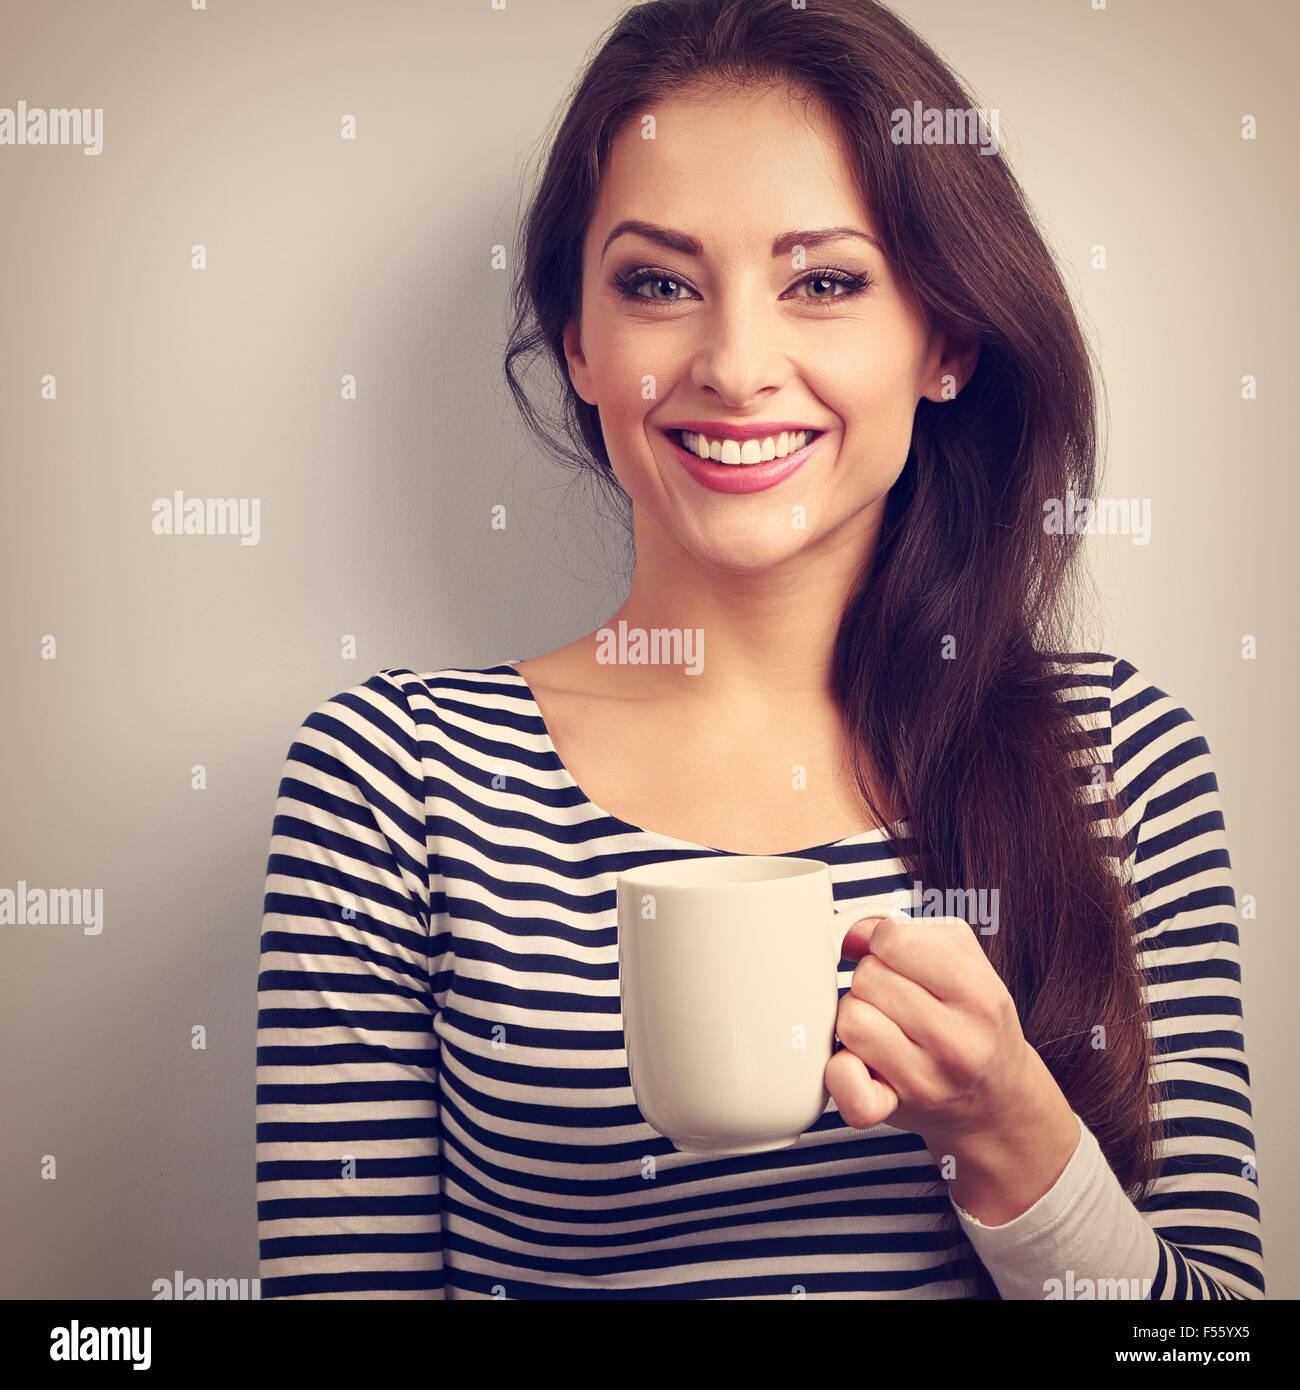 Felice toothy sorridente casual donna giovane con tazza di tè. Vintage closeup ritratto Immagini Stock